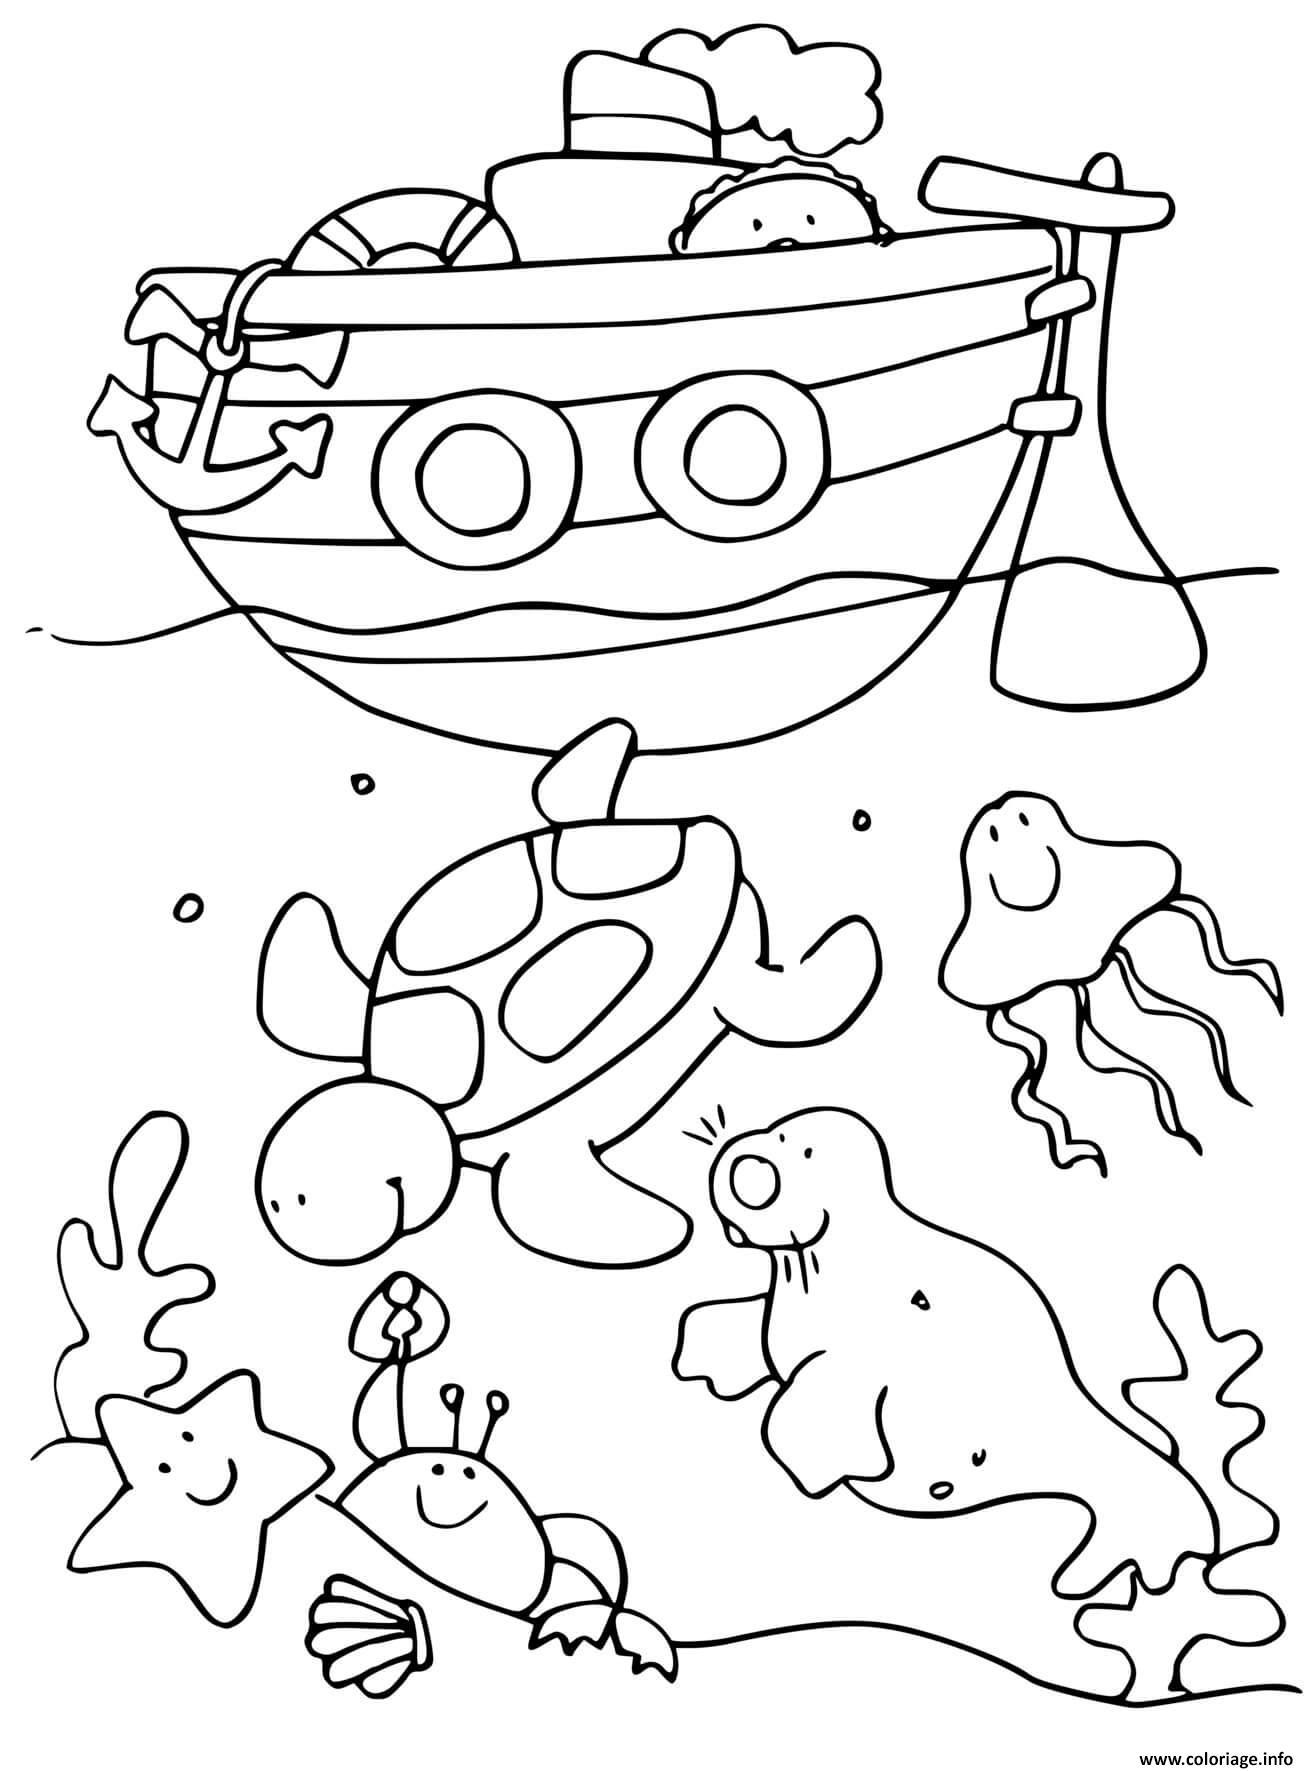 Dessin fond de mer et animaux marins avec bateau de mer Coloriage Gratuit à Imprimer